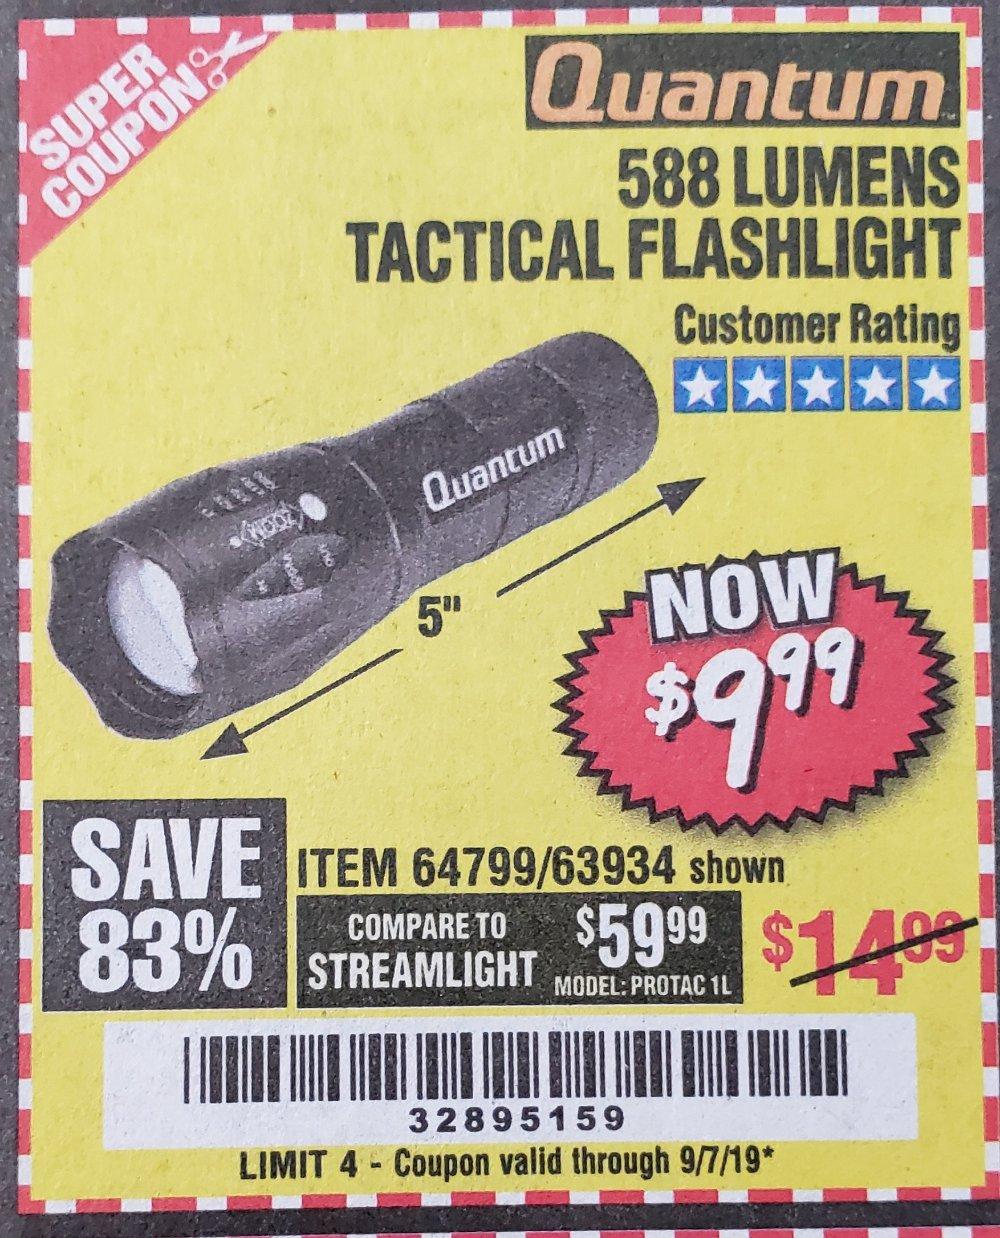 Harbor Freight Coupon, HF Coupons - 588 Lumen Tactical Flashlight